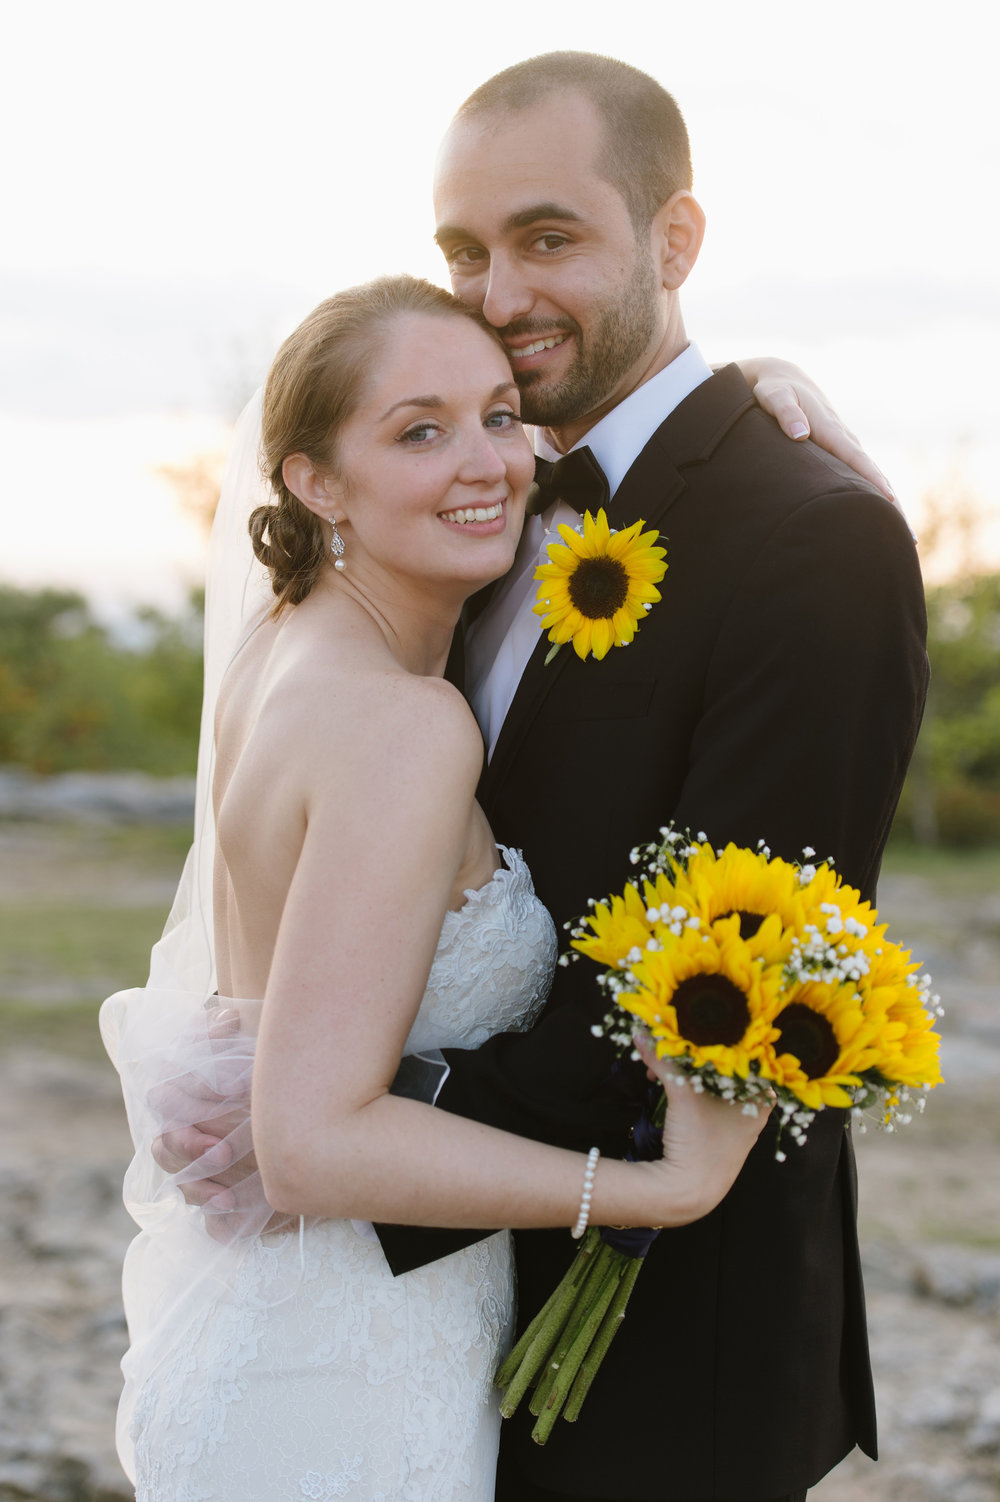 Candid-Wedding-Photography-Katie-Noble001.jpg